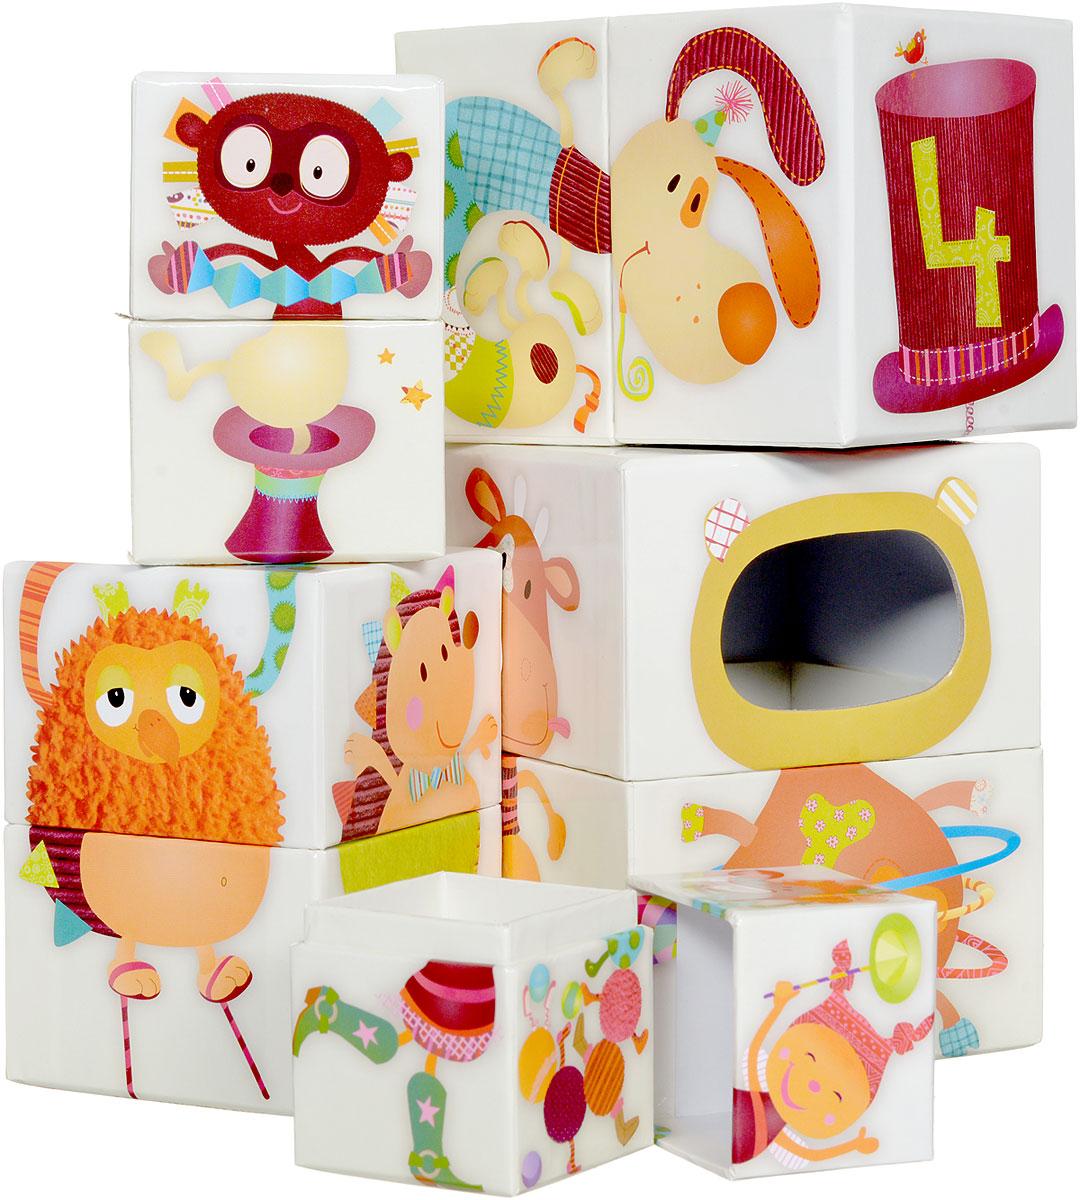 Lilliputiens Кубики Цирк86419Верхняя и нижняя части ваших друзей Lilliputiens распределены по большому количеству коробочек! Помогите им собрать все туловище, соединяя одну коробочку с другой. Если у вас игривое настроение, комбинируйте части персонажей и создавайте новых, еще более забавных! Игра с кубиками развивает зрительное восприятие, наблюдательность и внимание, мелкую моторику рук и произвольные движения.